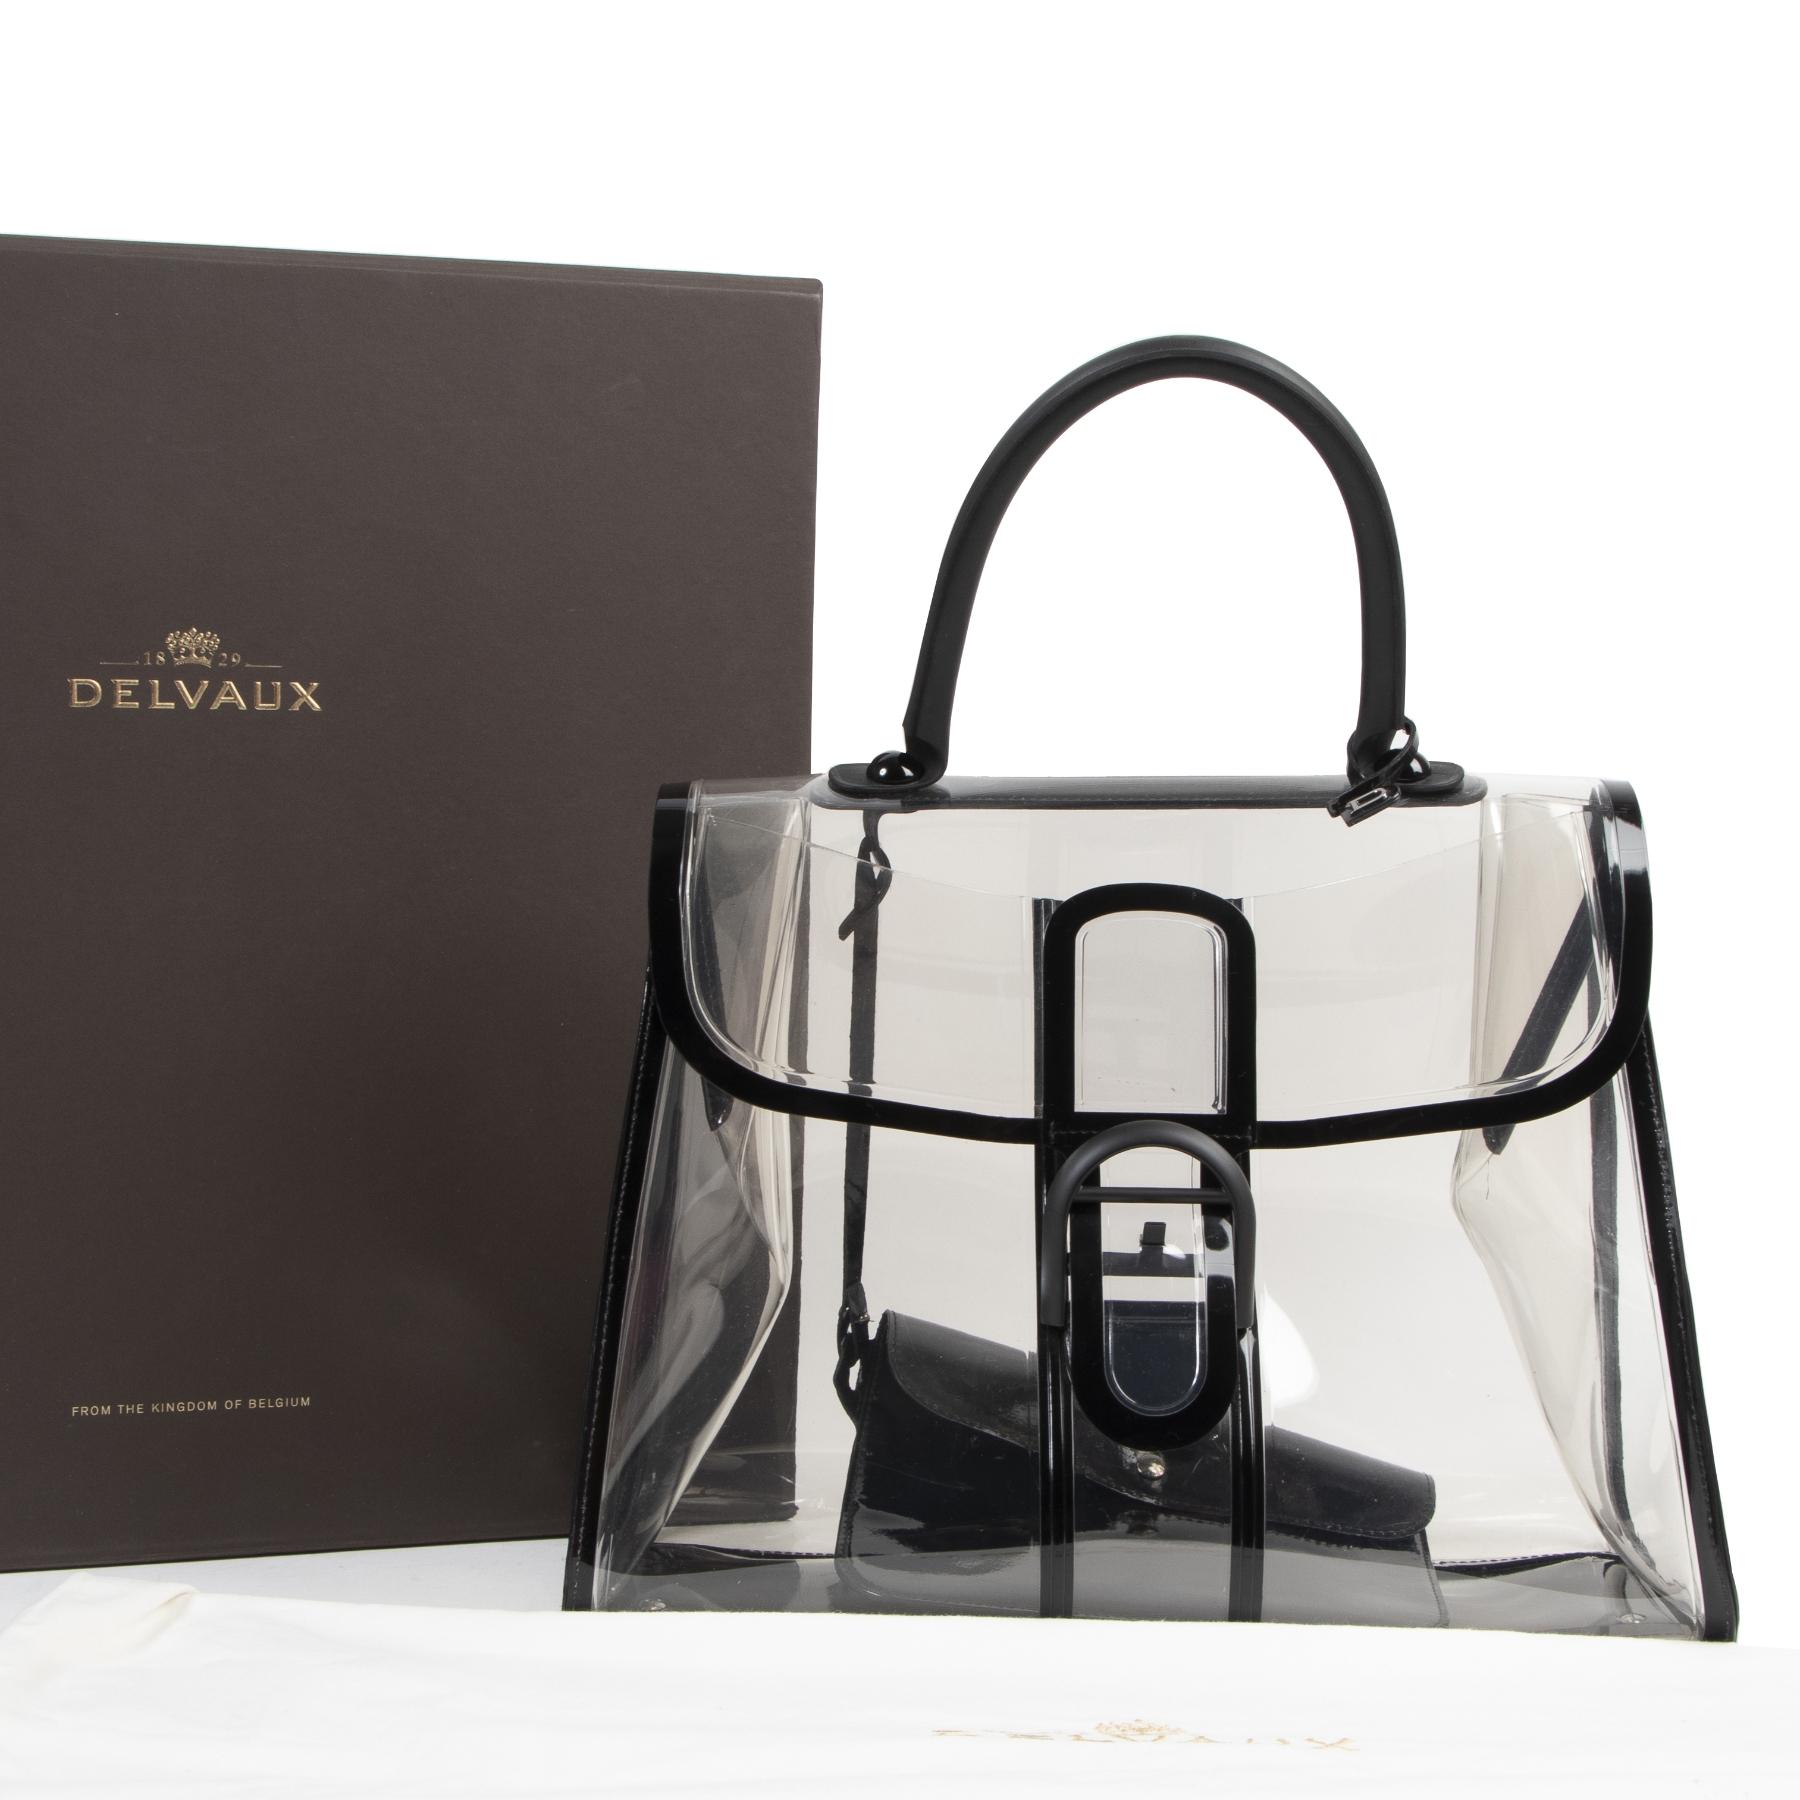 Achetez d'authentiques sacs à main Delvaux Brillant d'occasion à bon prix chez LabelLOV.